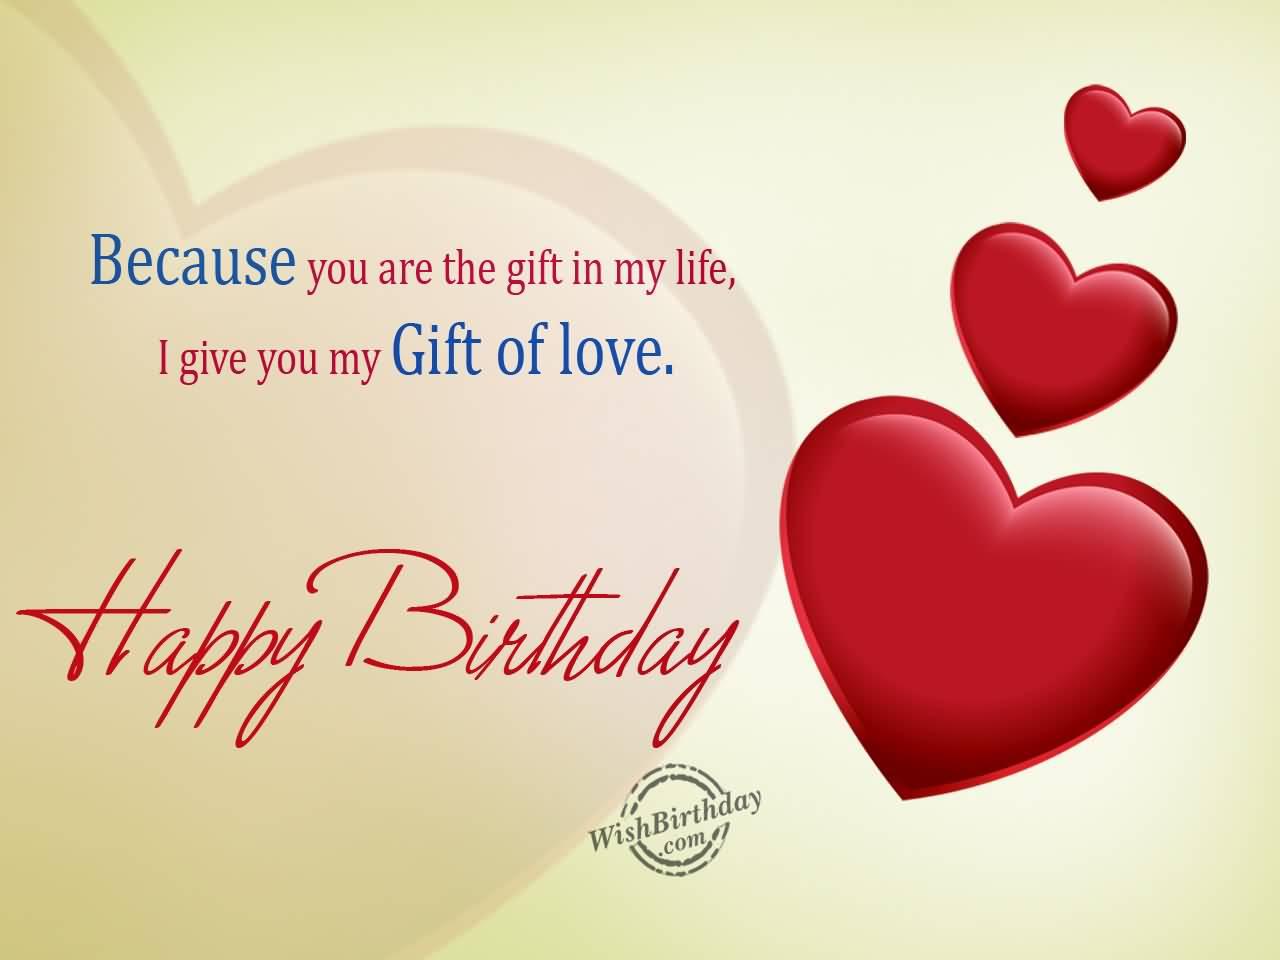 Happy birthday dear Boyfriend wishes message from girlfriend